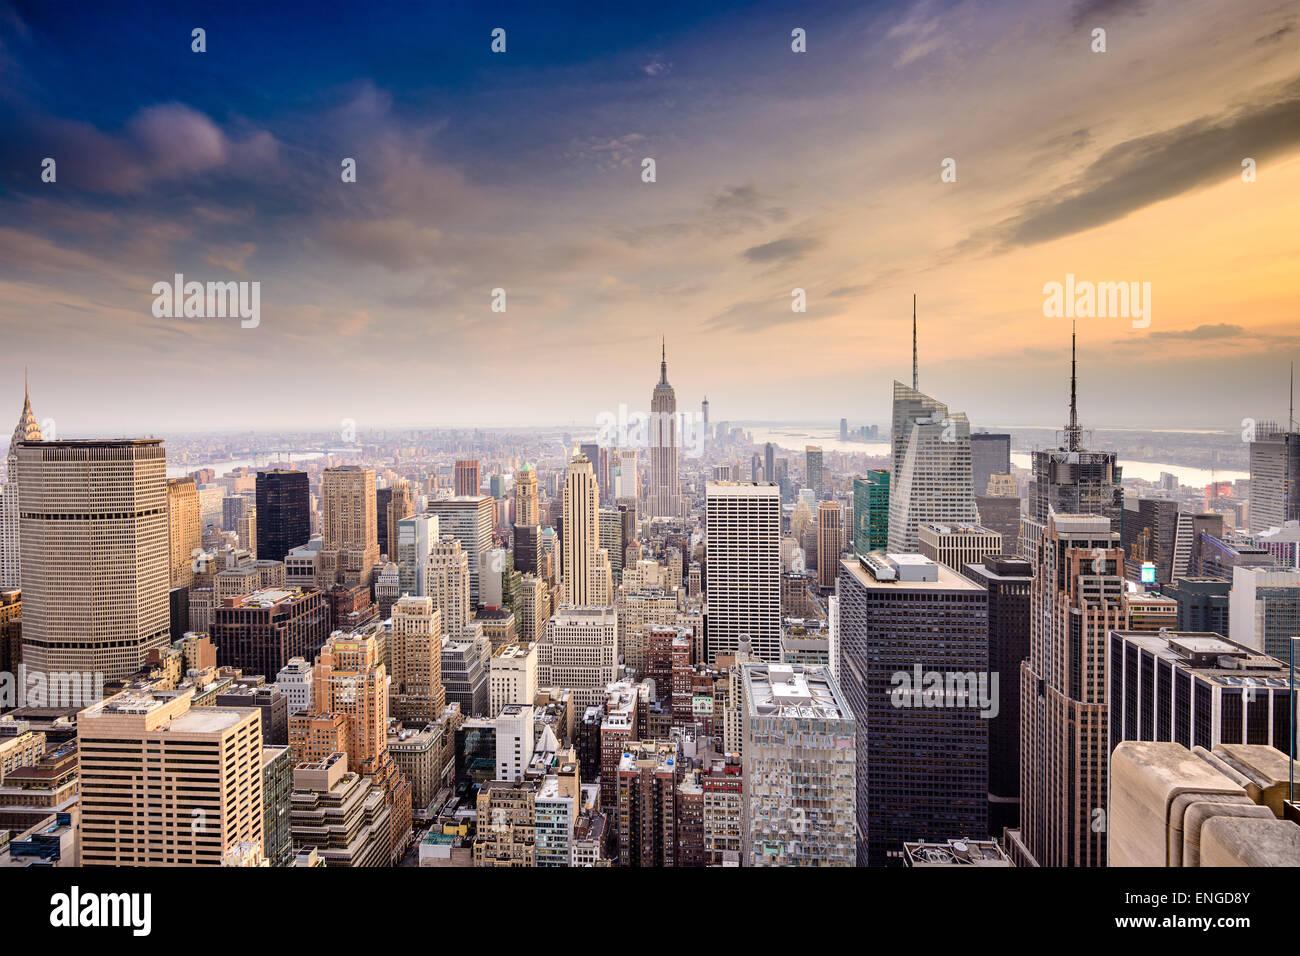 La città di New York, Stati Uniti d'America famoso al di sopra dello skyline di Manhattan. Immagini Stock